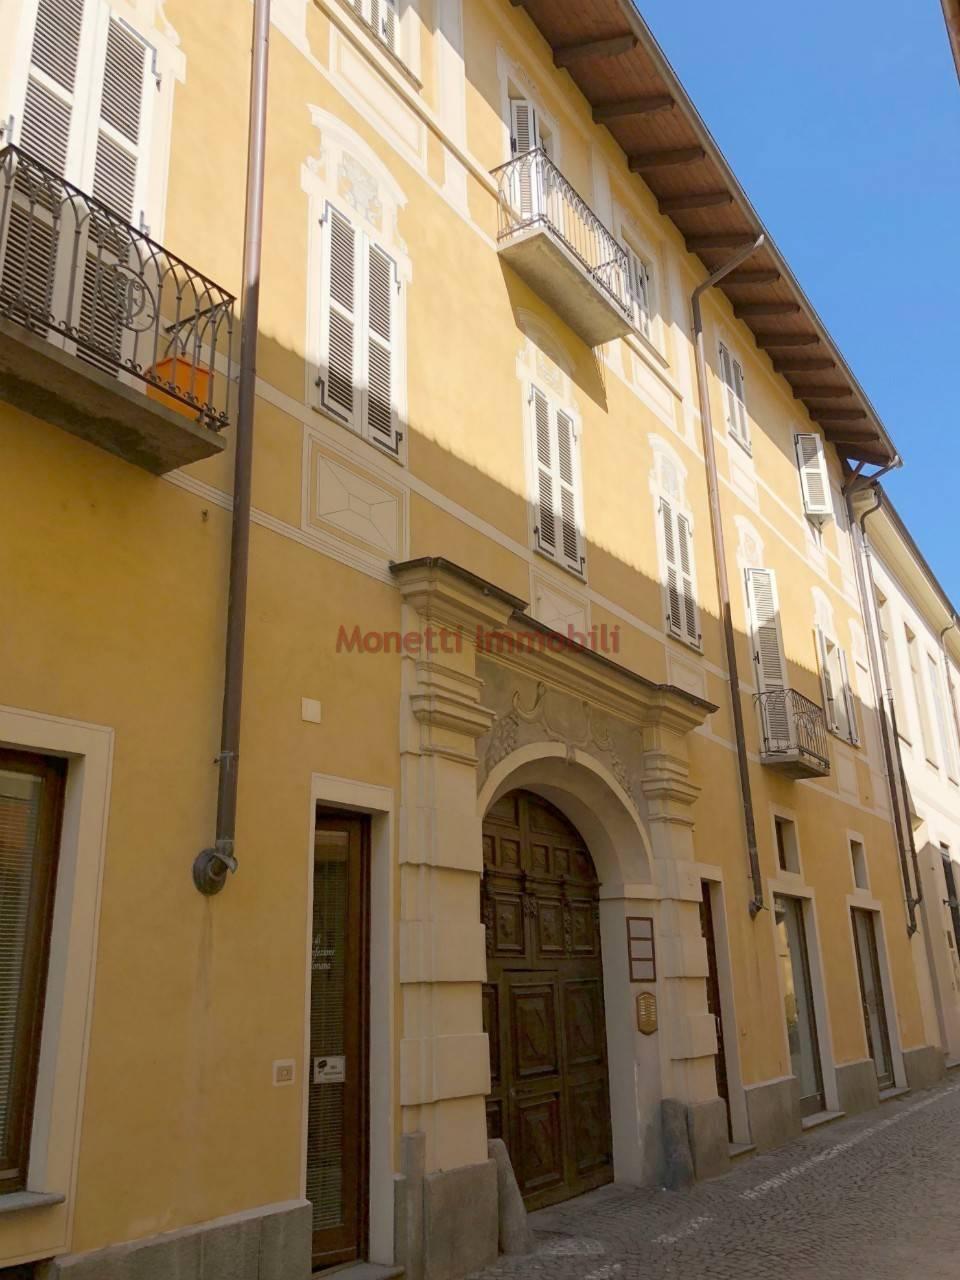 Appartamento in affitto a Pinerolo, 1 locali, prezzo € 315   PortaleAgenzieImmobiliari.it